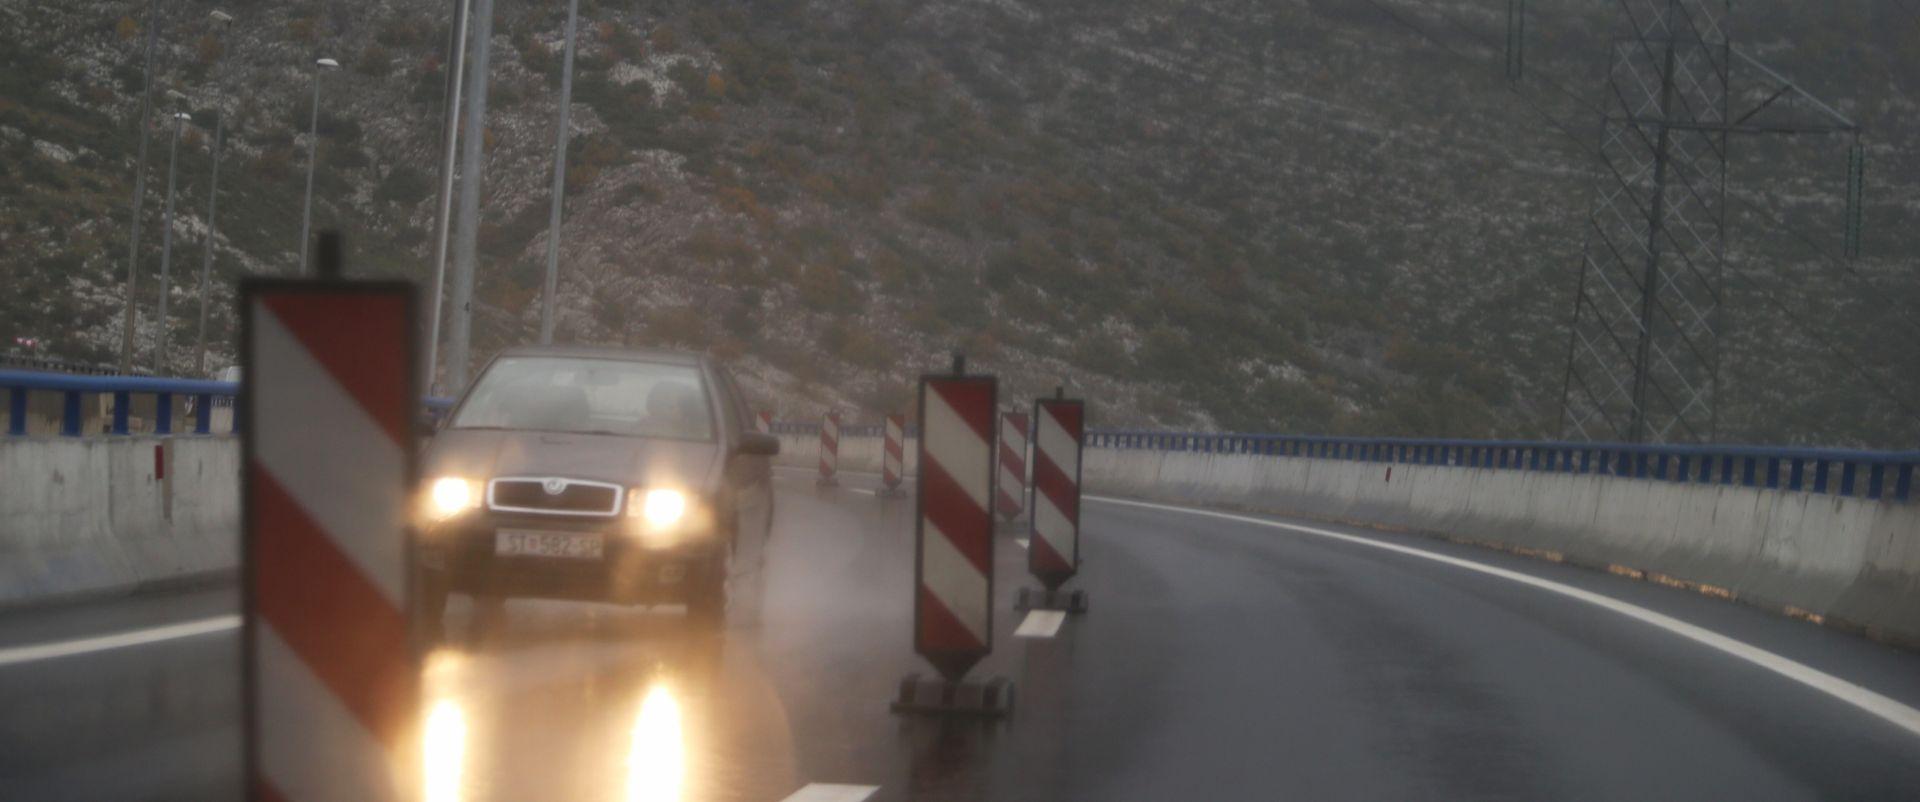 HAK: Kolnici mokri i skliski u većem dijelu zemlje